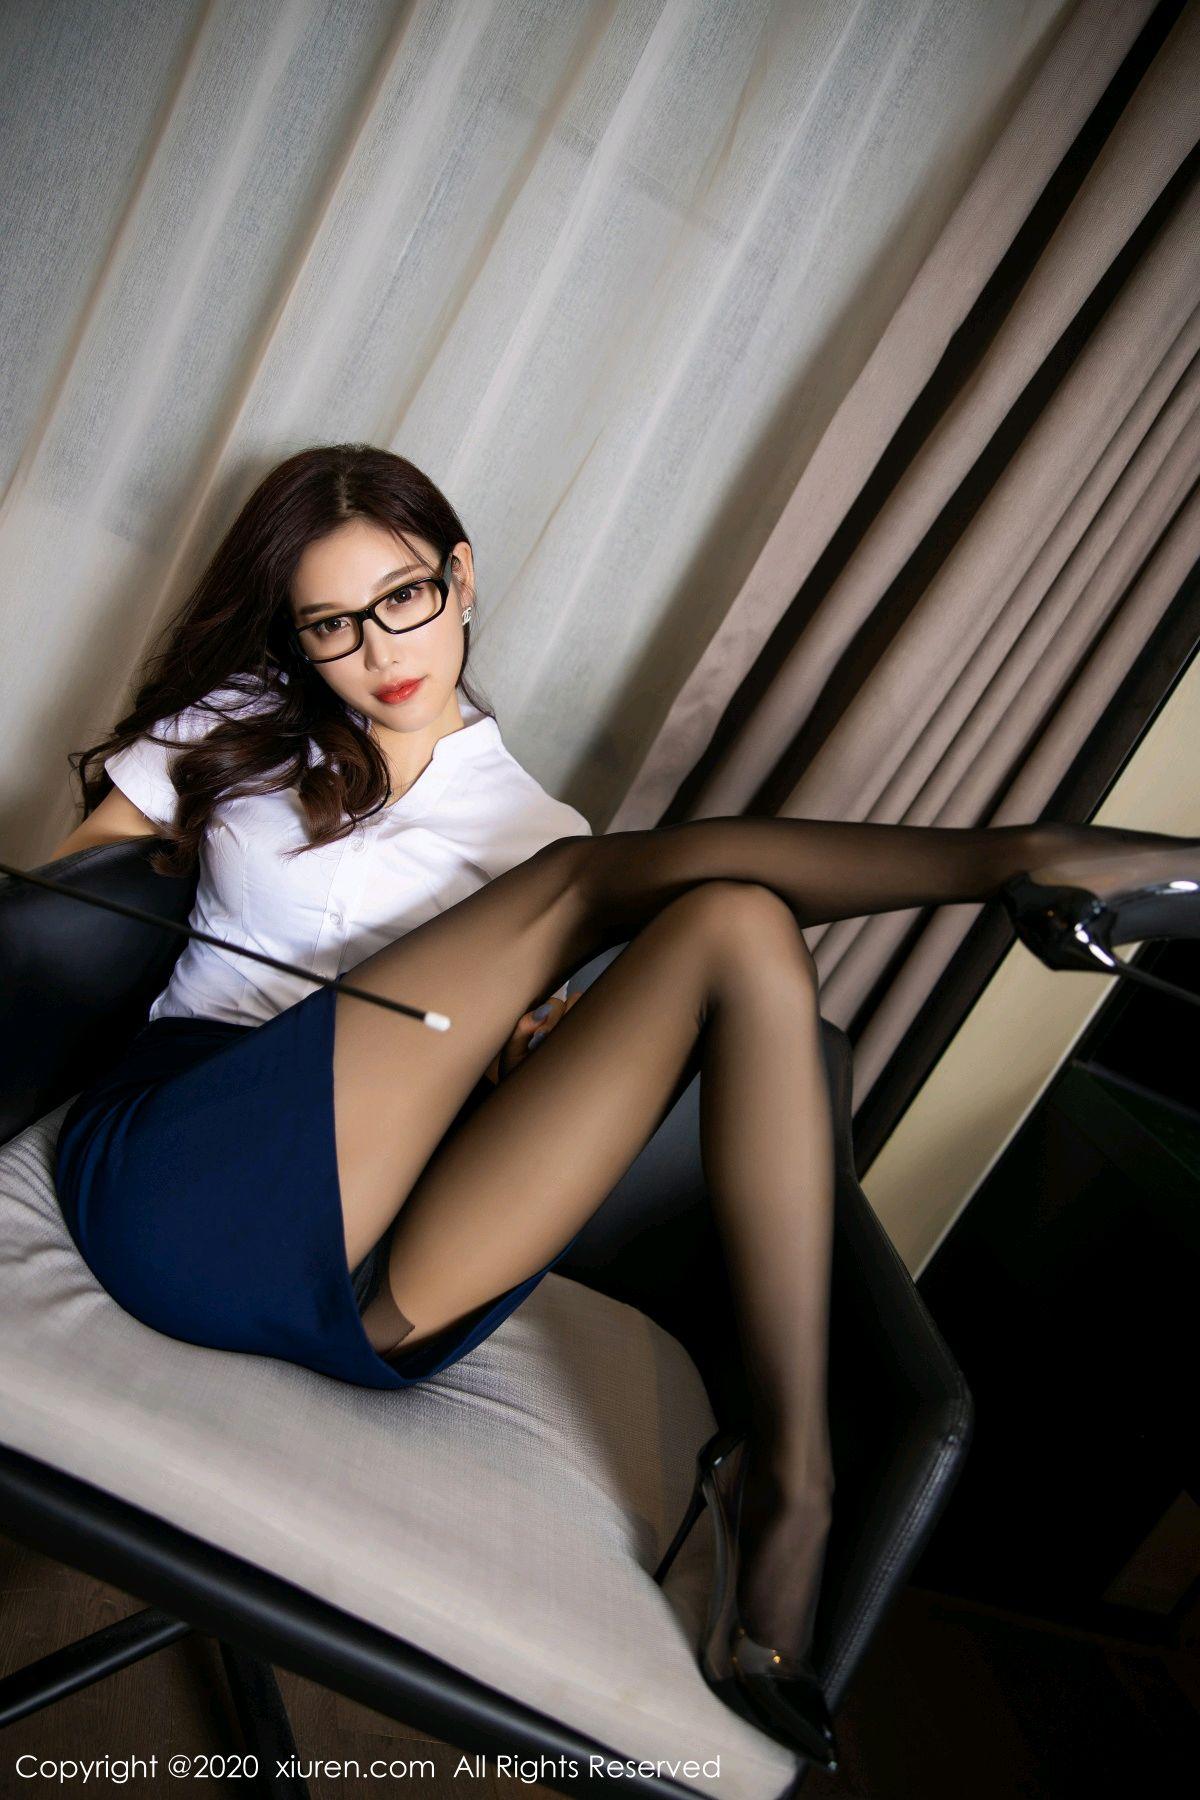 [XiuRen] Vol.2541 Yang Chen Chen 23P, Black Silk, Tall, Uniform, Xiuren, Yang Chen Chen